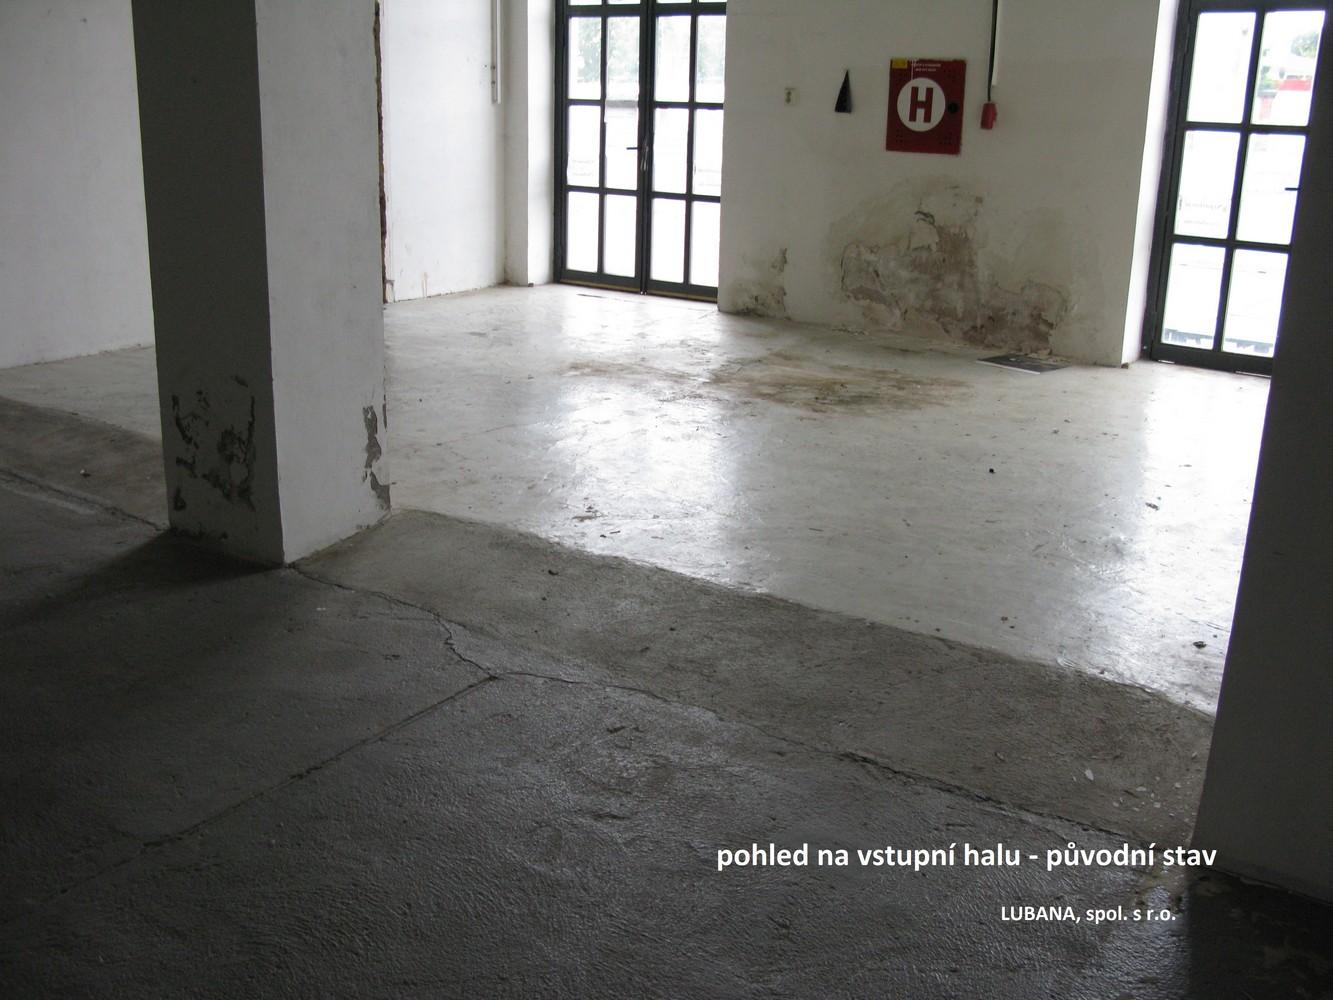 pohled do vstupní haly před rekonstrukcí